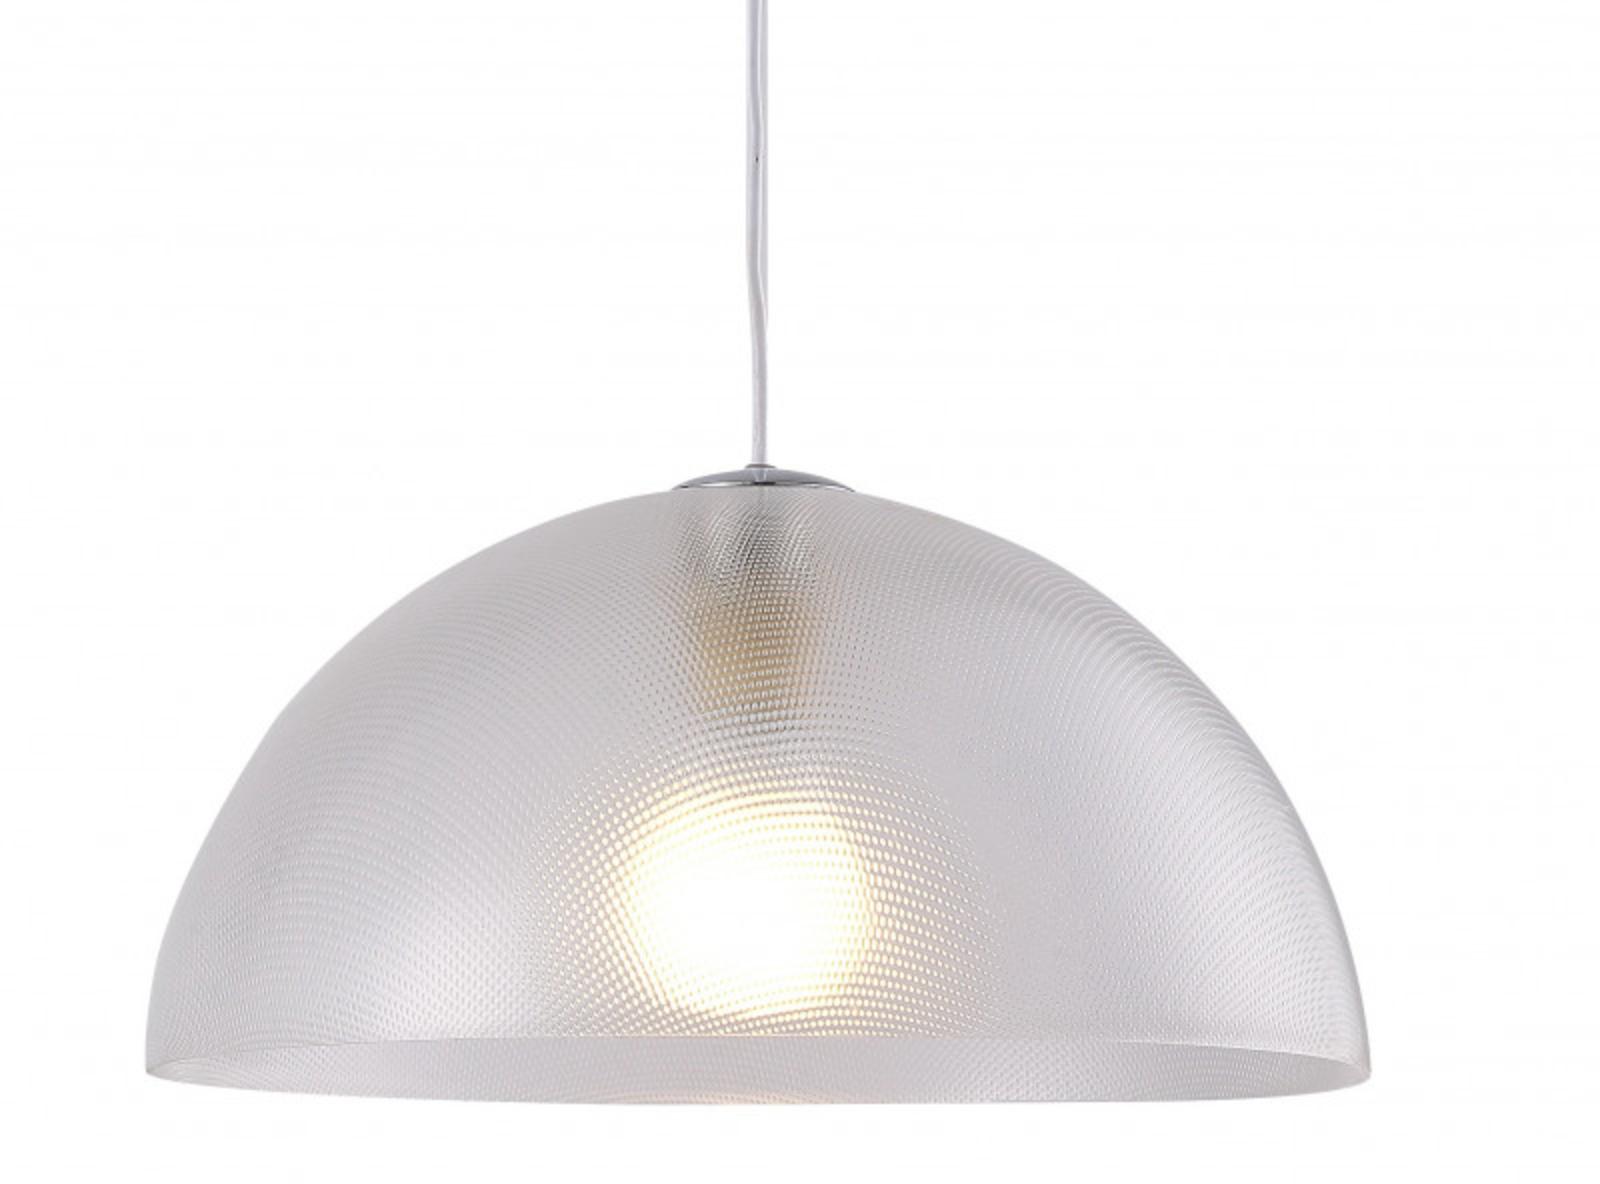 Купить Подвесной светильник 6540 Подвесной светильник ARTE Lamp A6540SP-1CC (13808), HomeMe